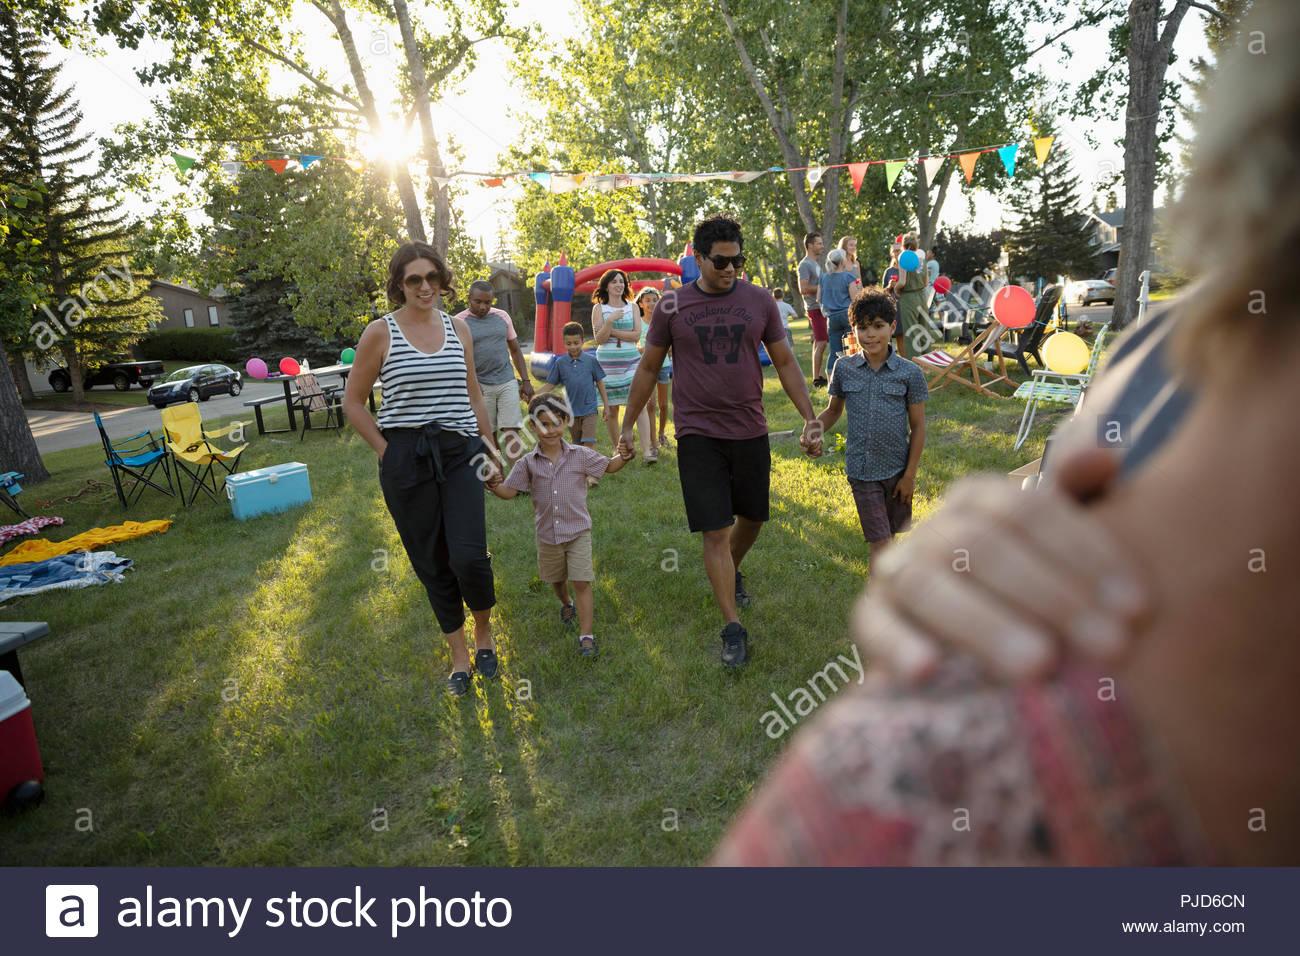 Famiglia Holding Hands, passeggiate in estate quartiere block party in posizione di parcheggio Immagini Stock